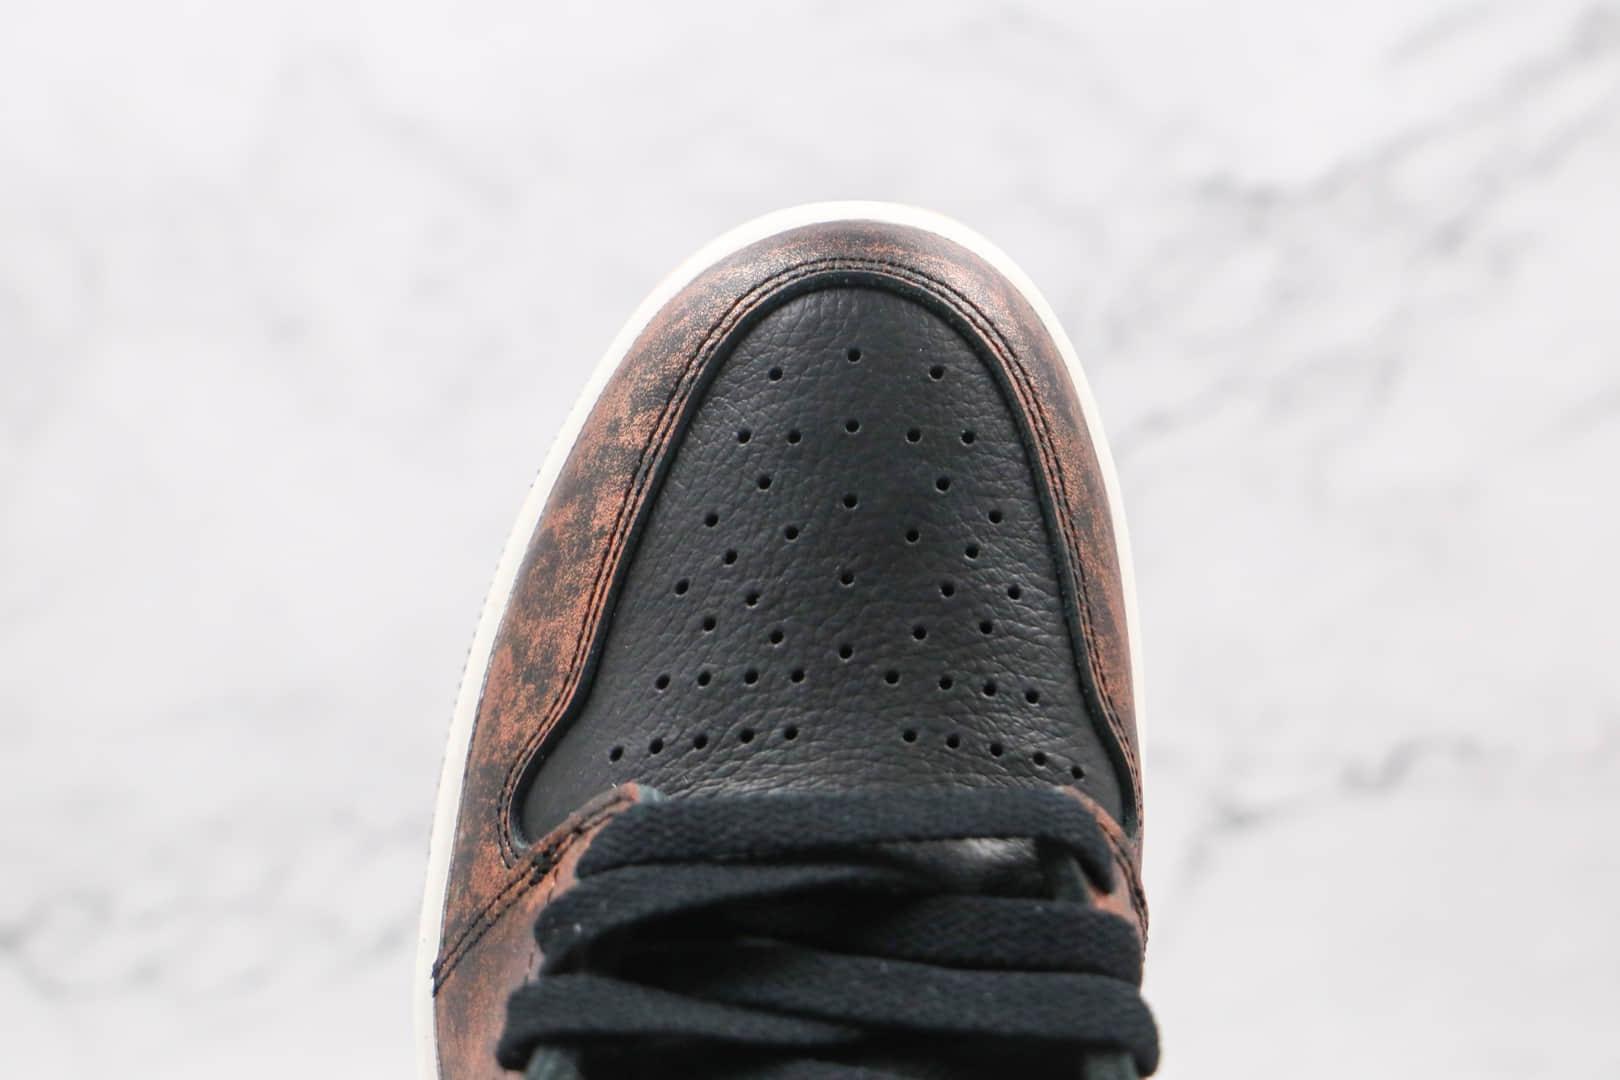 乔丹Air Jordan 1 High OG High OG Shadow纯原版本高帮AJ1做旧古铜影子灰篮球鞋原楦头纸板打造 货号:555088-033